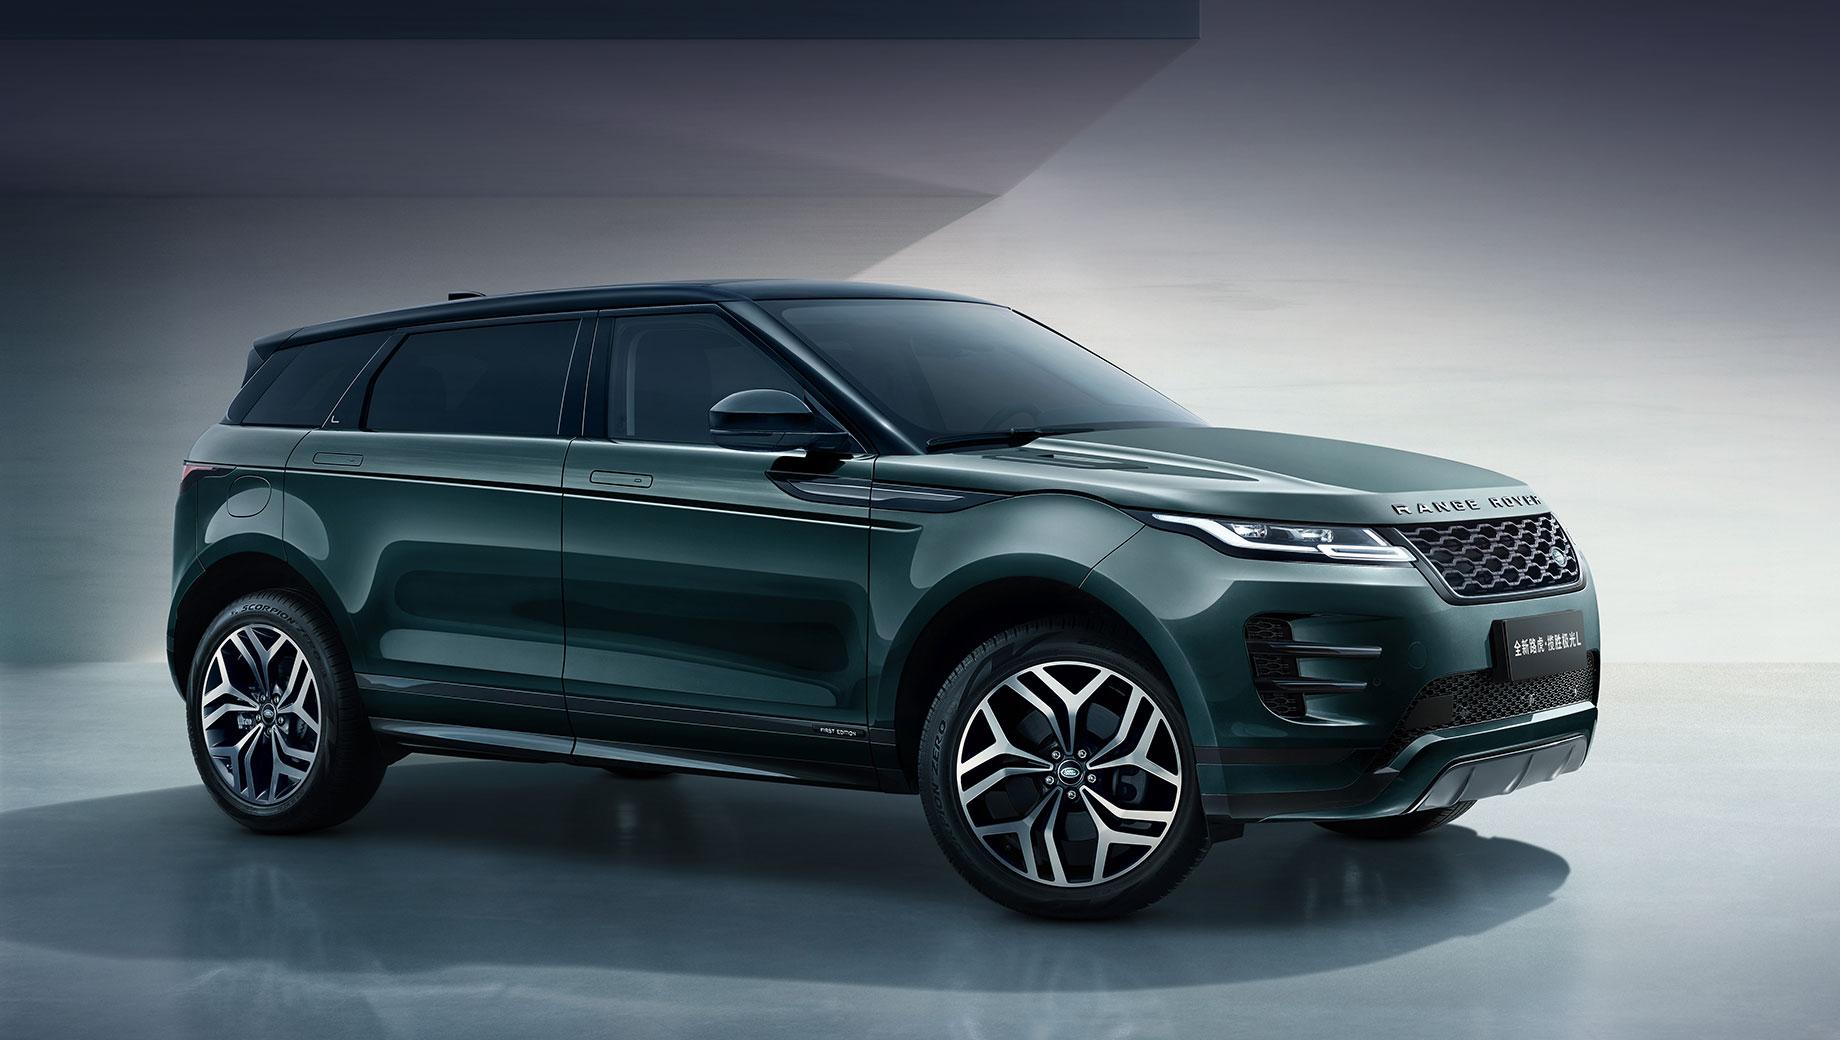 Длиннобазный Range Rover Evoque L высоко оценён в юанях